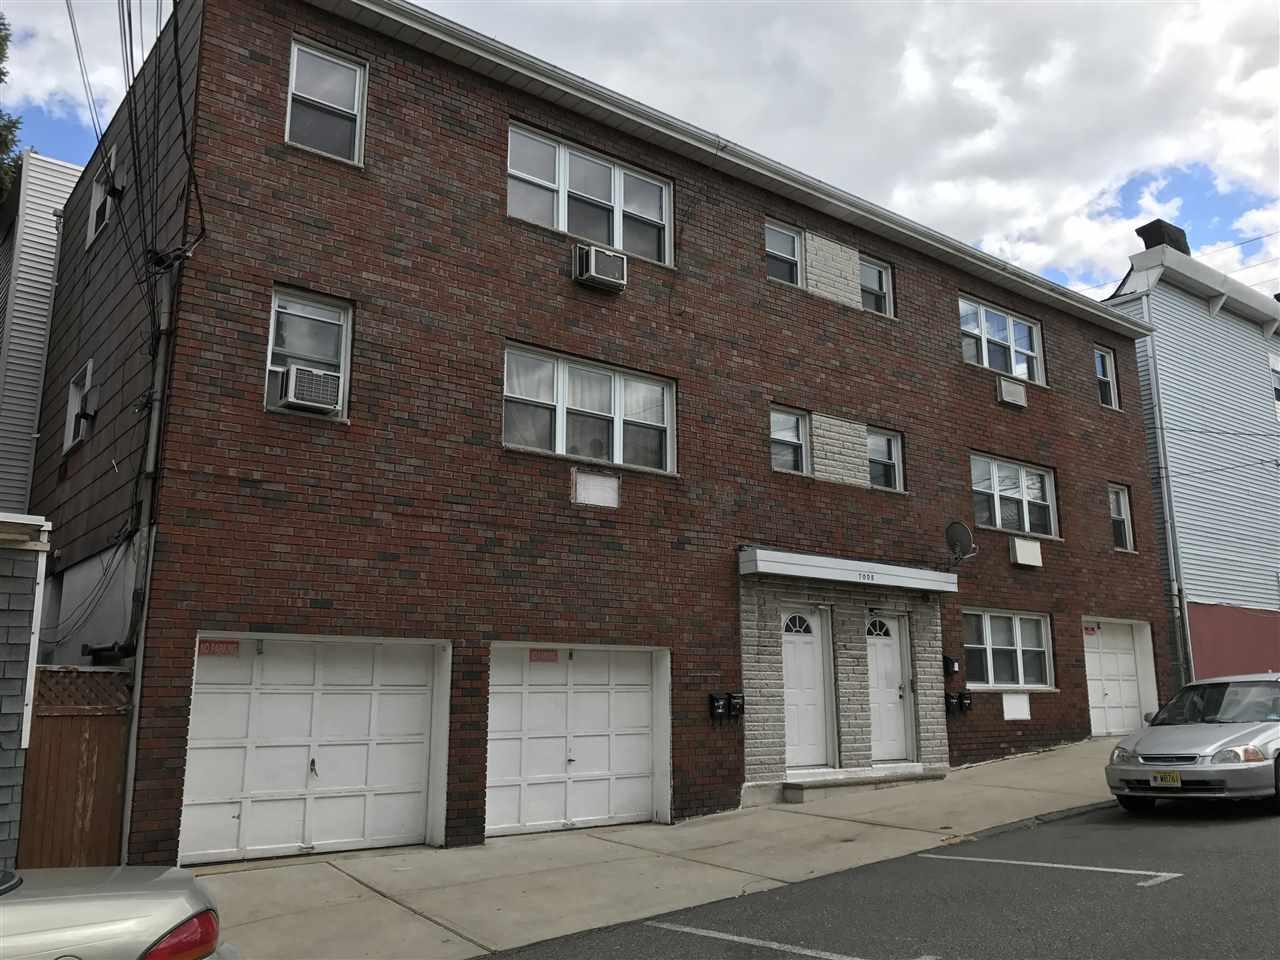 7008 HUDSON AVE, Guttenberg, NJ 07093